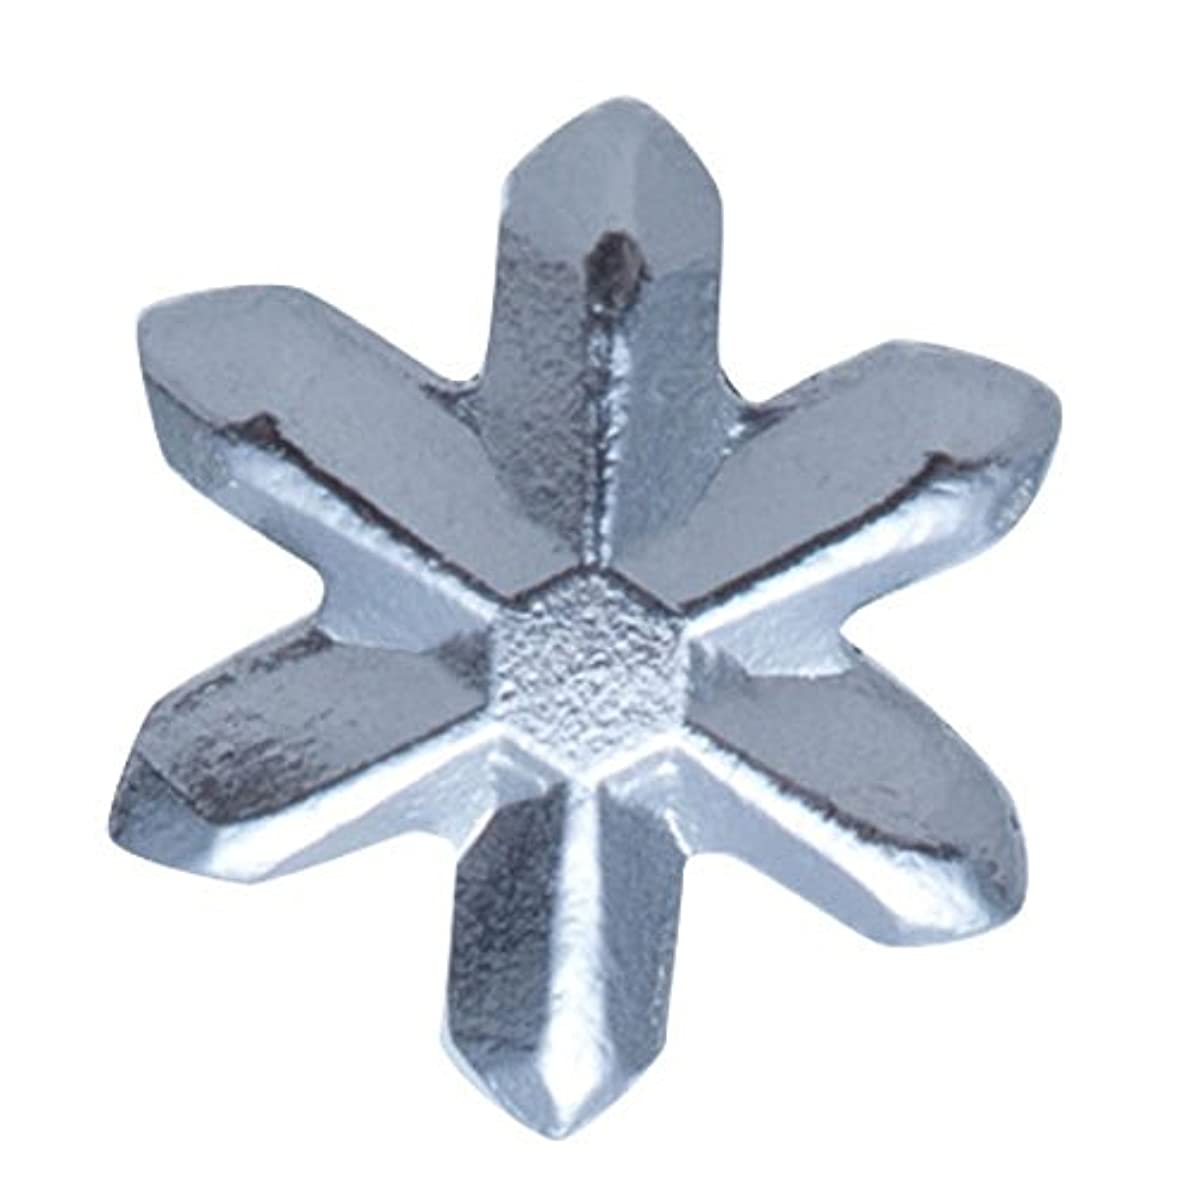 立派な合併症冷凍庫リトルプリティー マルチネイルコート 3Dスタッズスノーシルバー 50P アート材